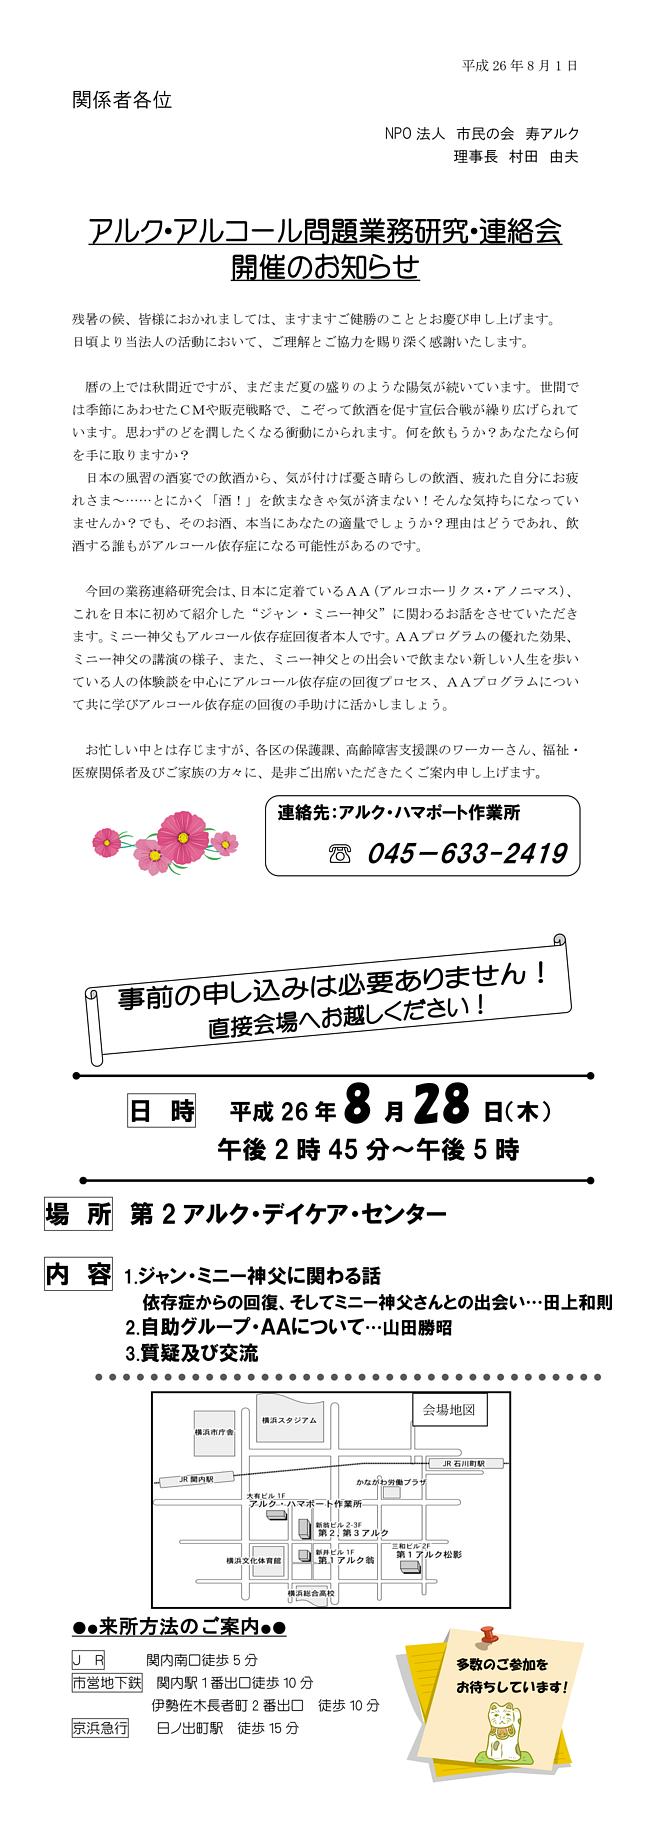 20140828お知らせ